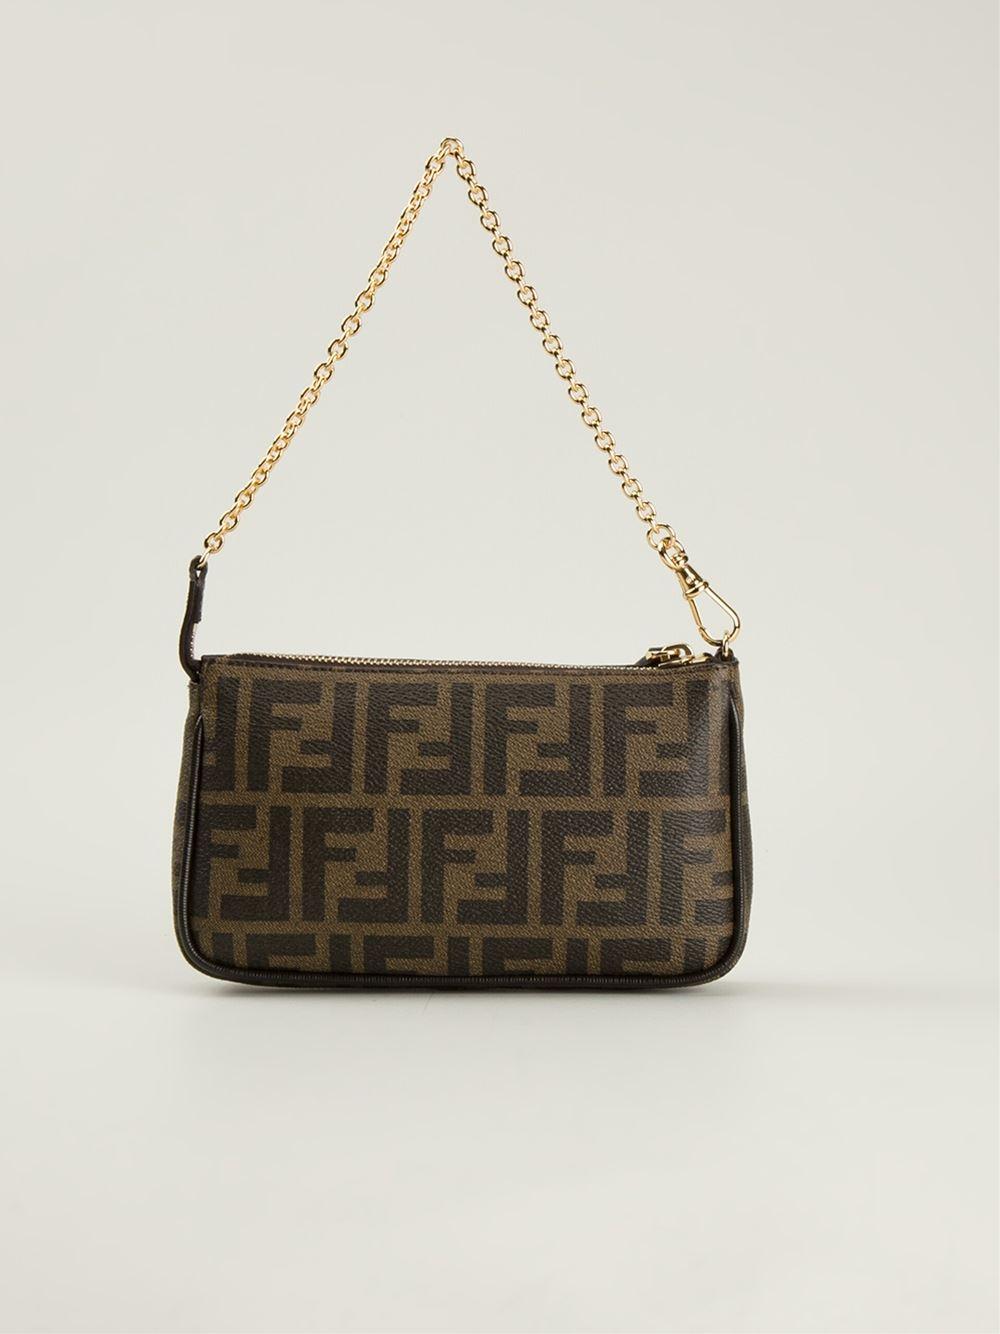 fendi signature monogram shoulder bag in brown